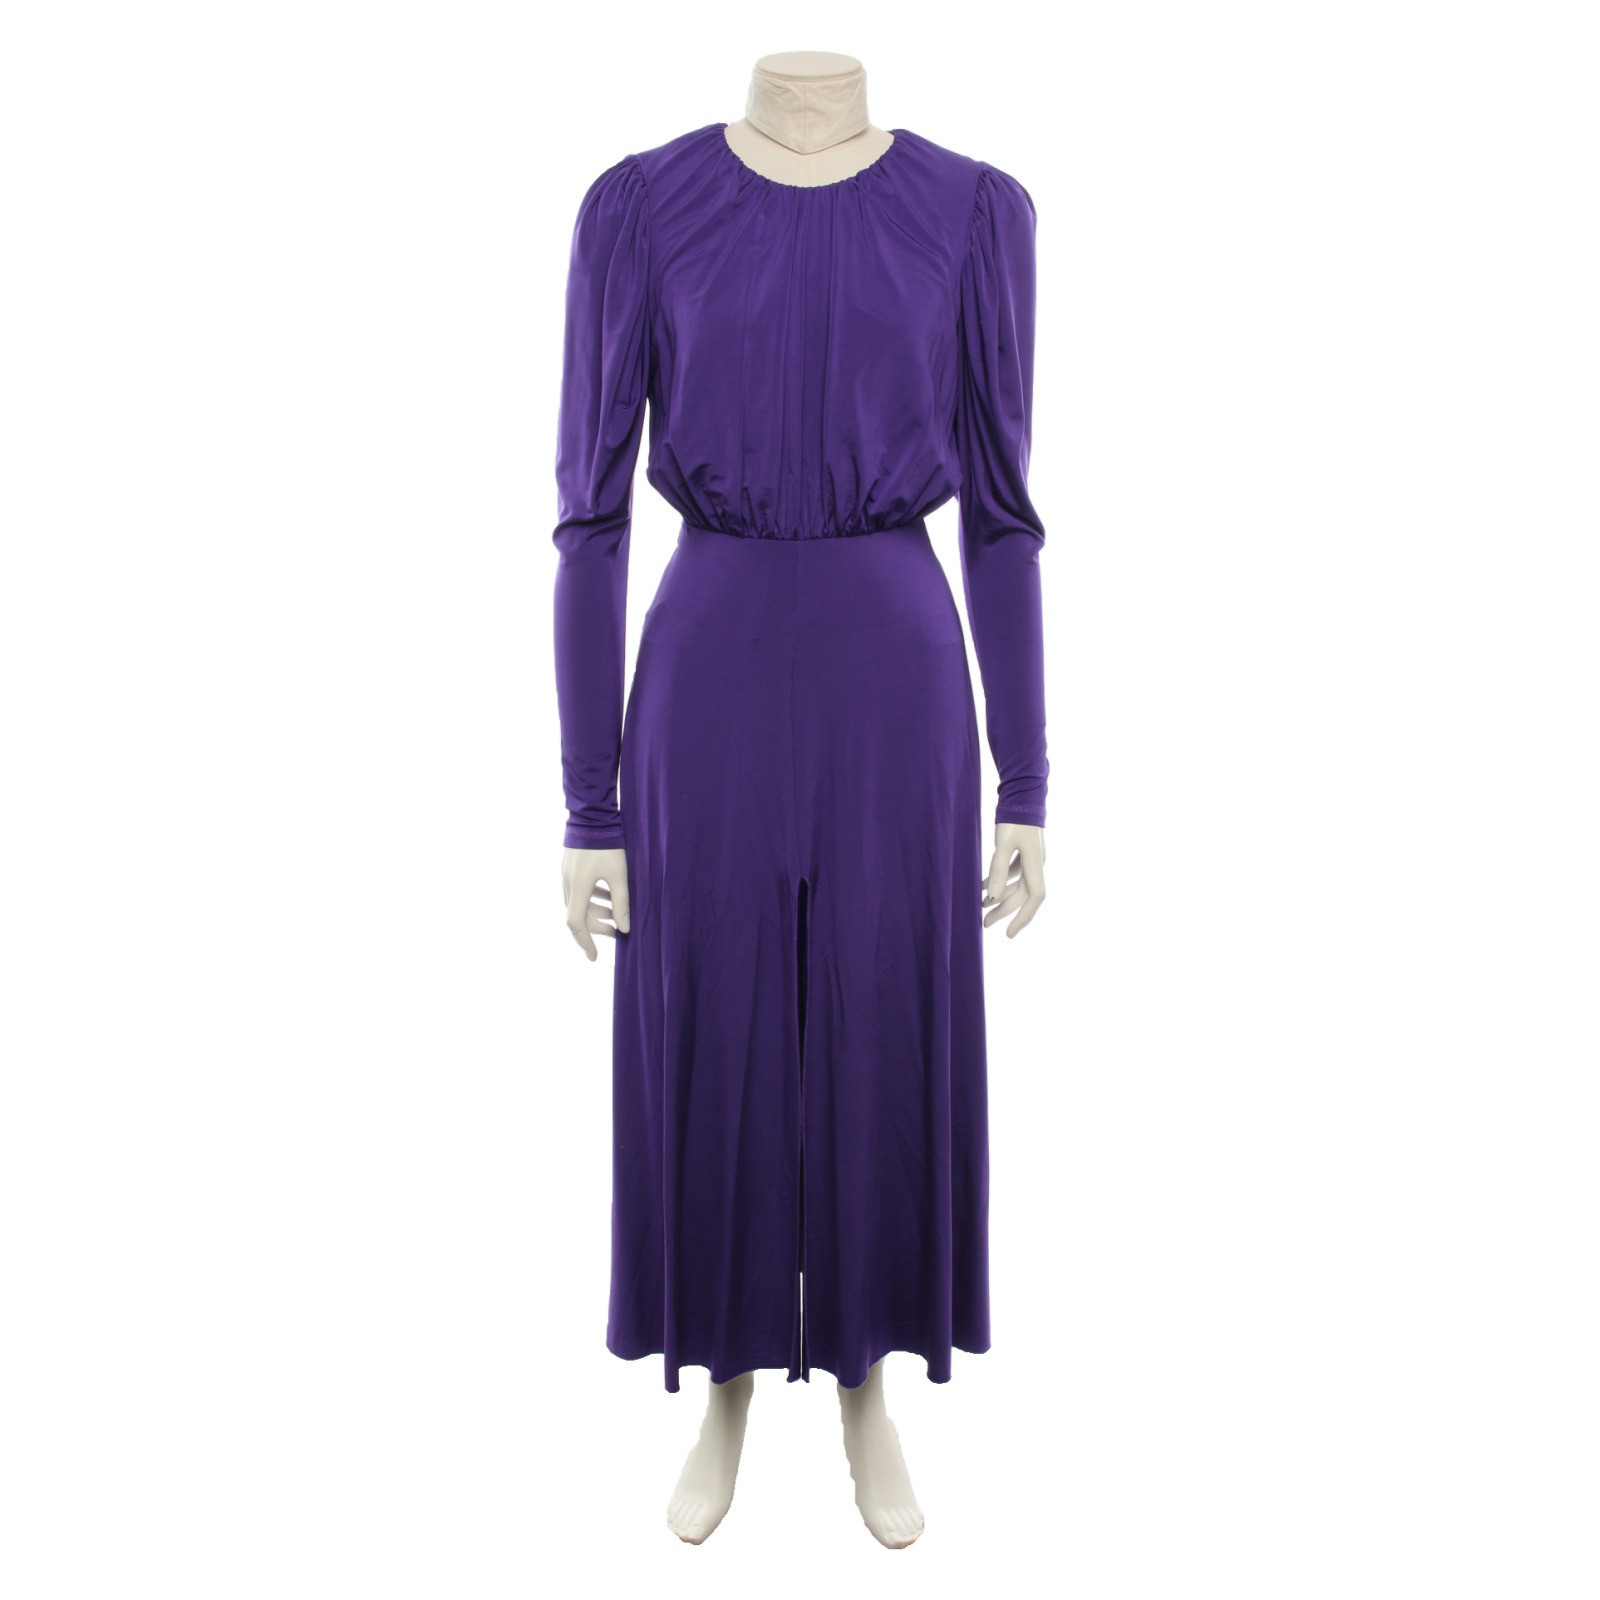 Rotate Kleid in Violett - Second Hand Rotate Kleid in Violett